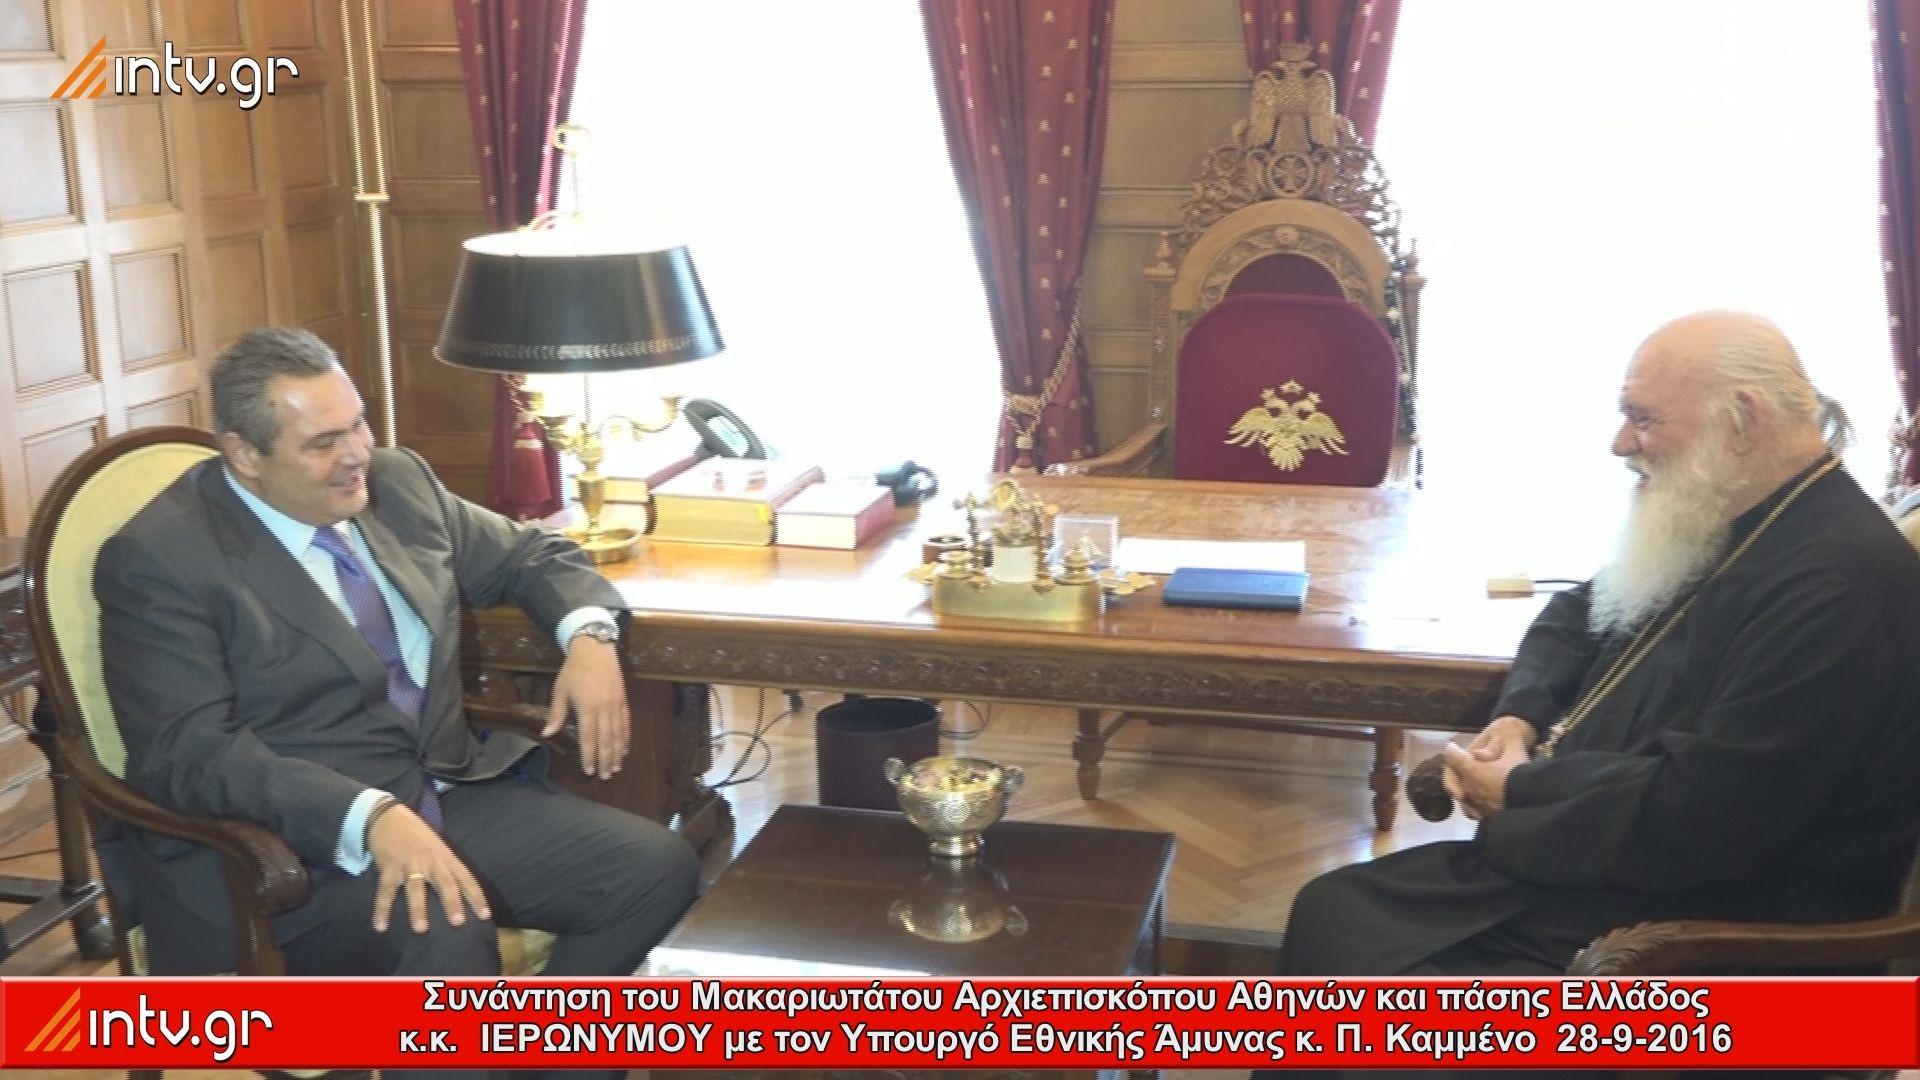 Συνάντηση του Μακαριωτάτου Αρχιεπισκόπου Αθηνών και πάσης Ελλάδος κ.κ.  ΙΕΡΩΝΥΜΟΥ με τον Υπουργό Εθνικής Άμυνας κ. Π. Καμμένο